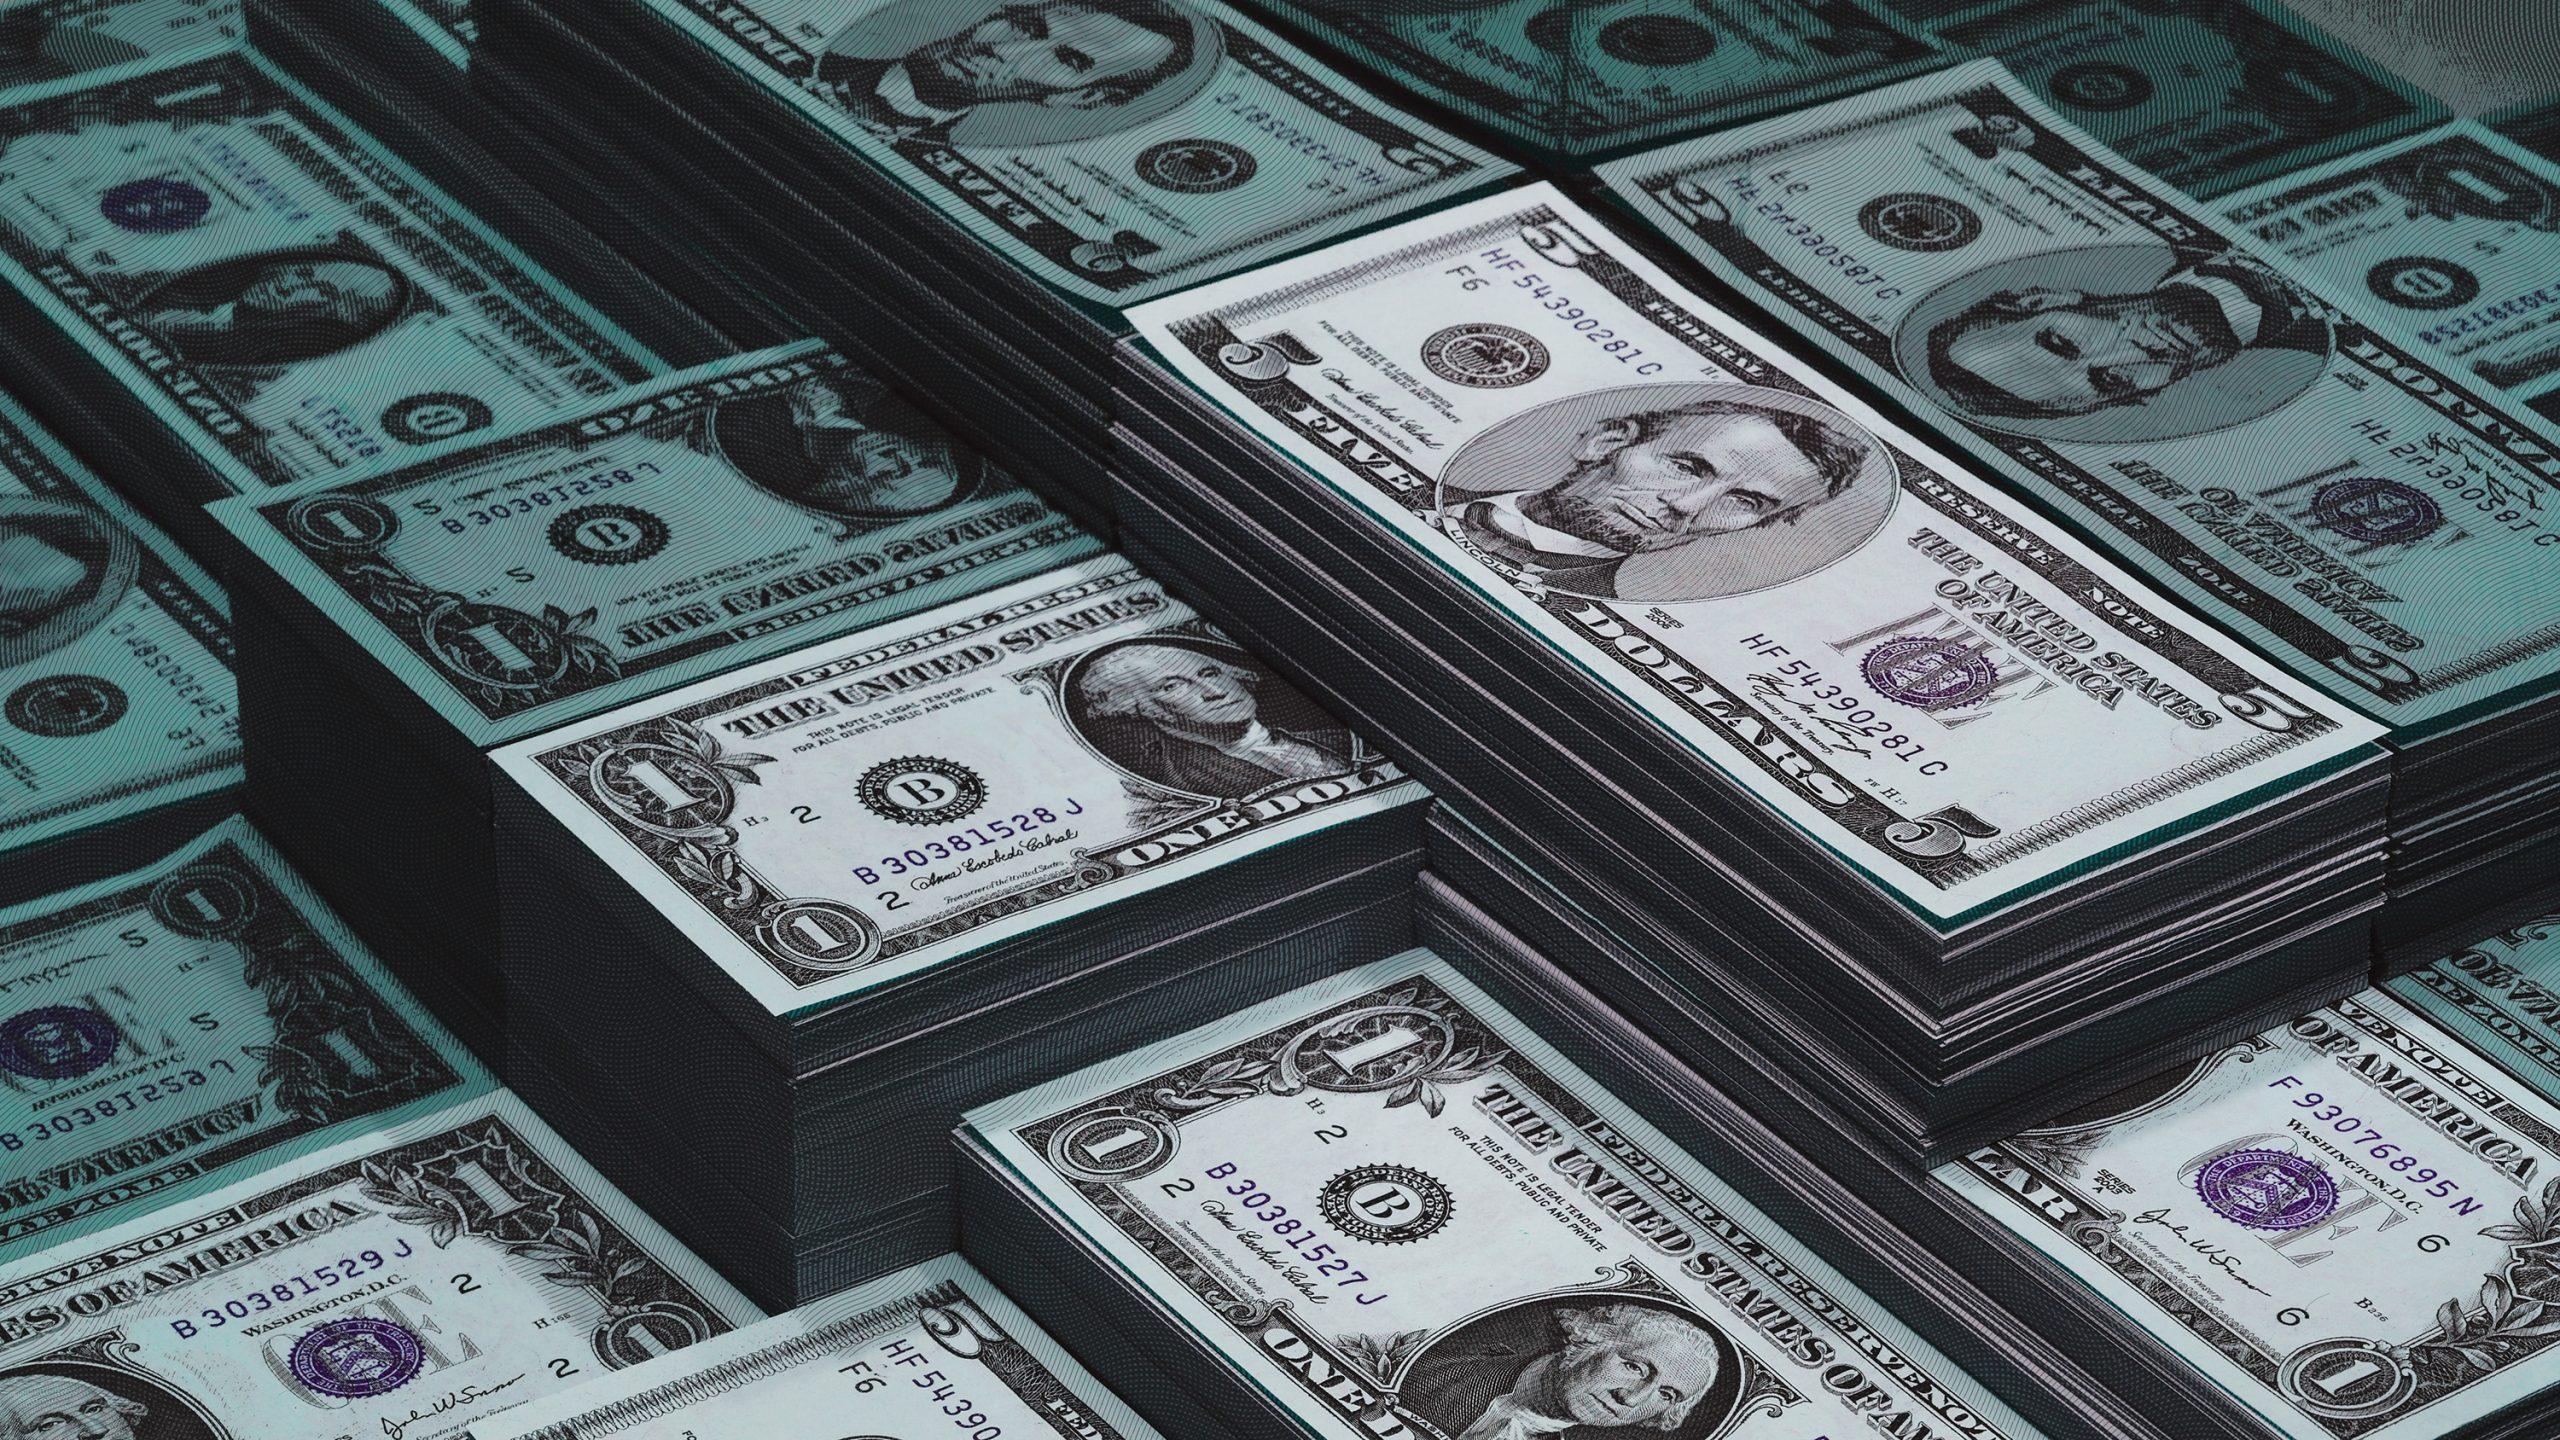 ユニバーサルから保証所得へ シリコンバレーが熱狂した ベーシック・インカムに異変